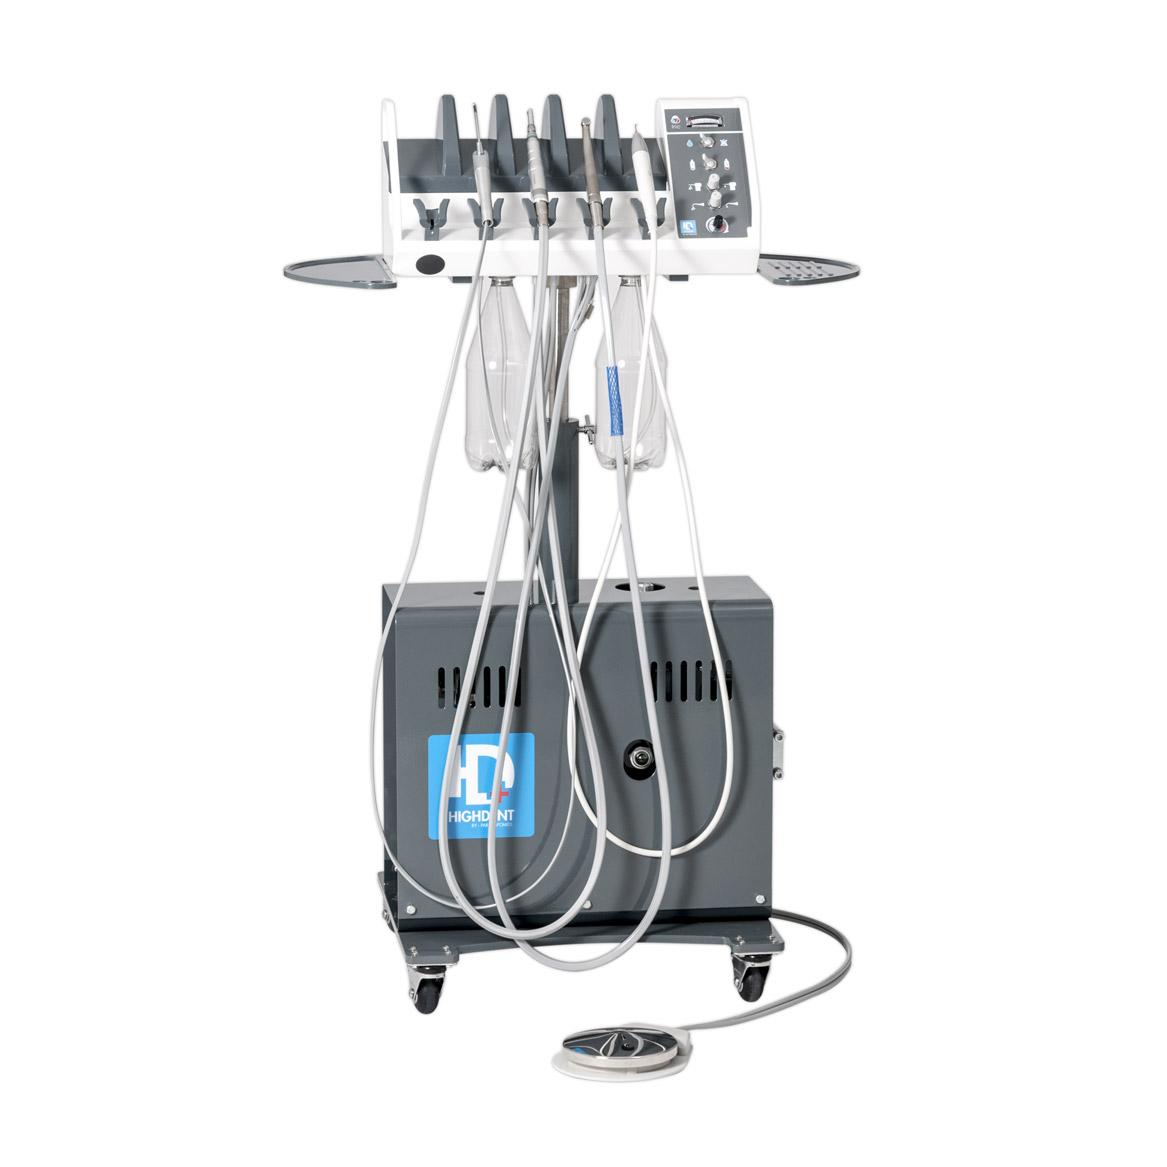 HIGHDENT Trio Veterinary Dental Unit